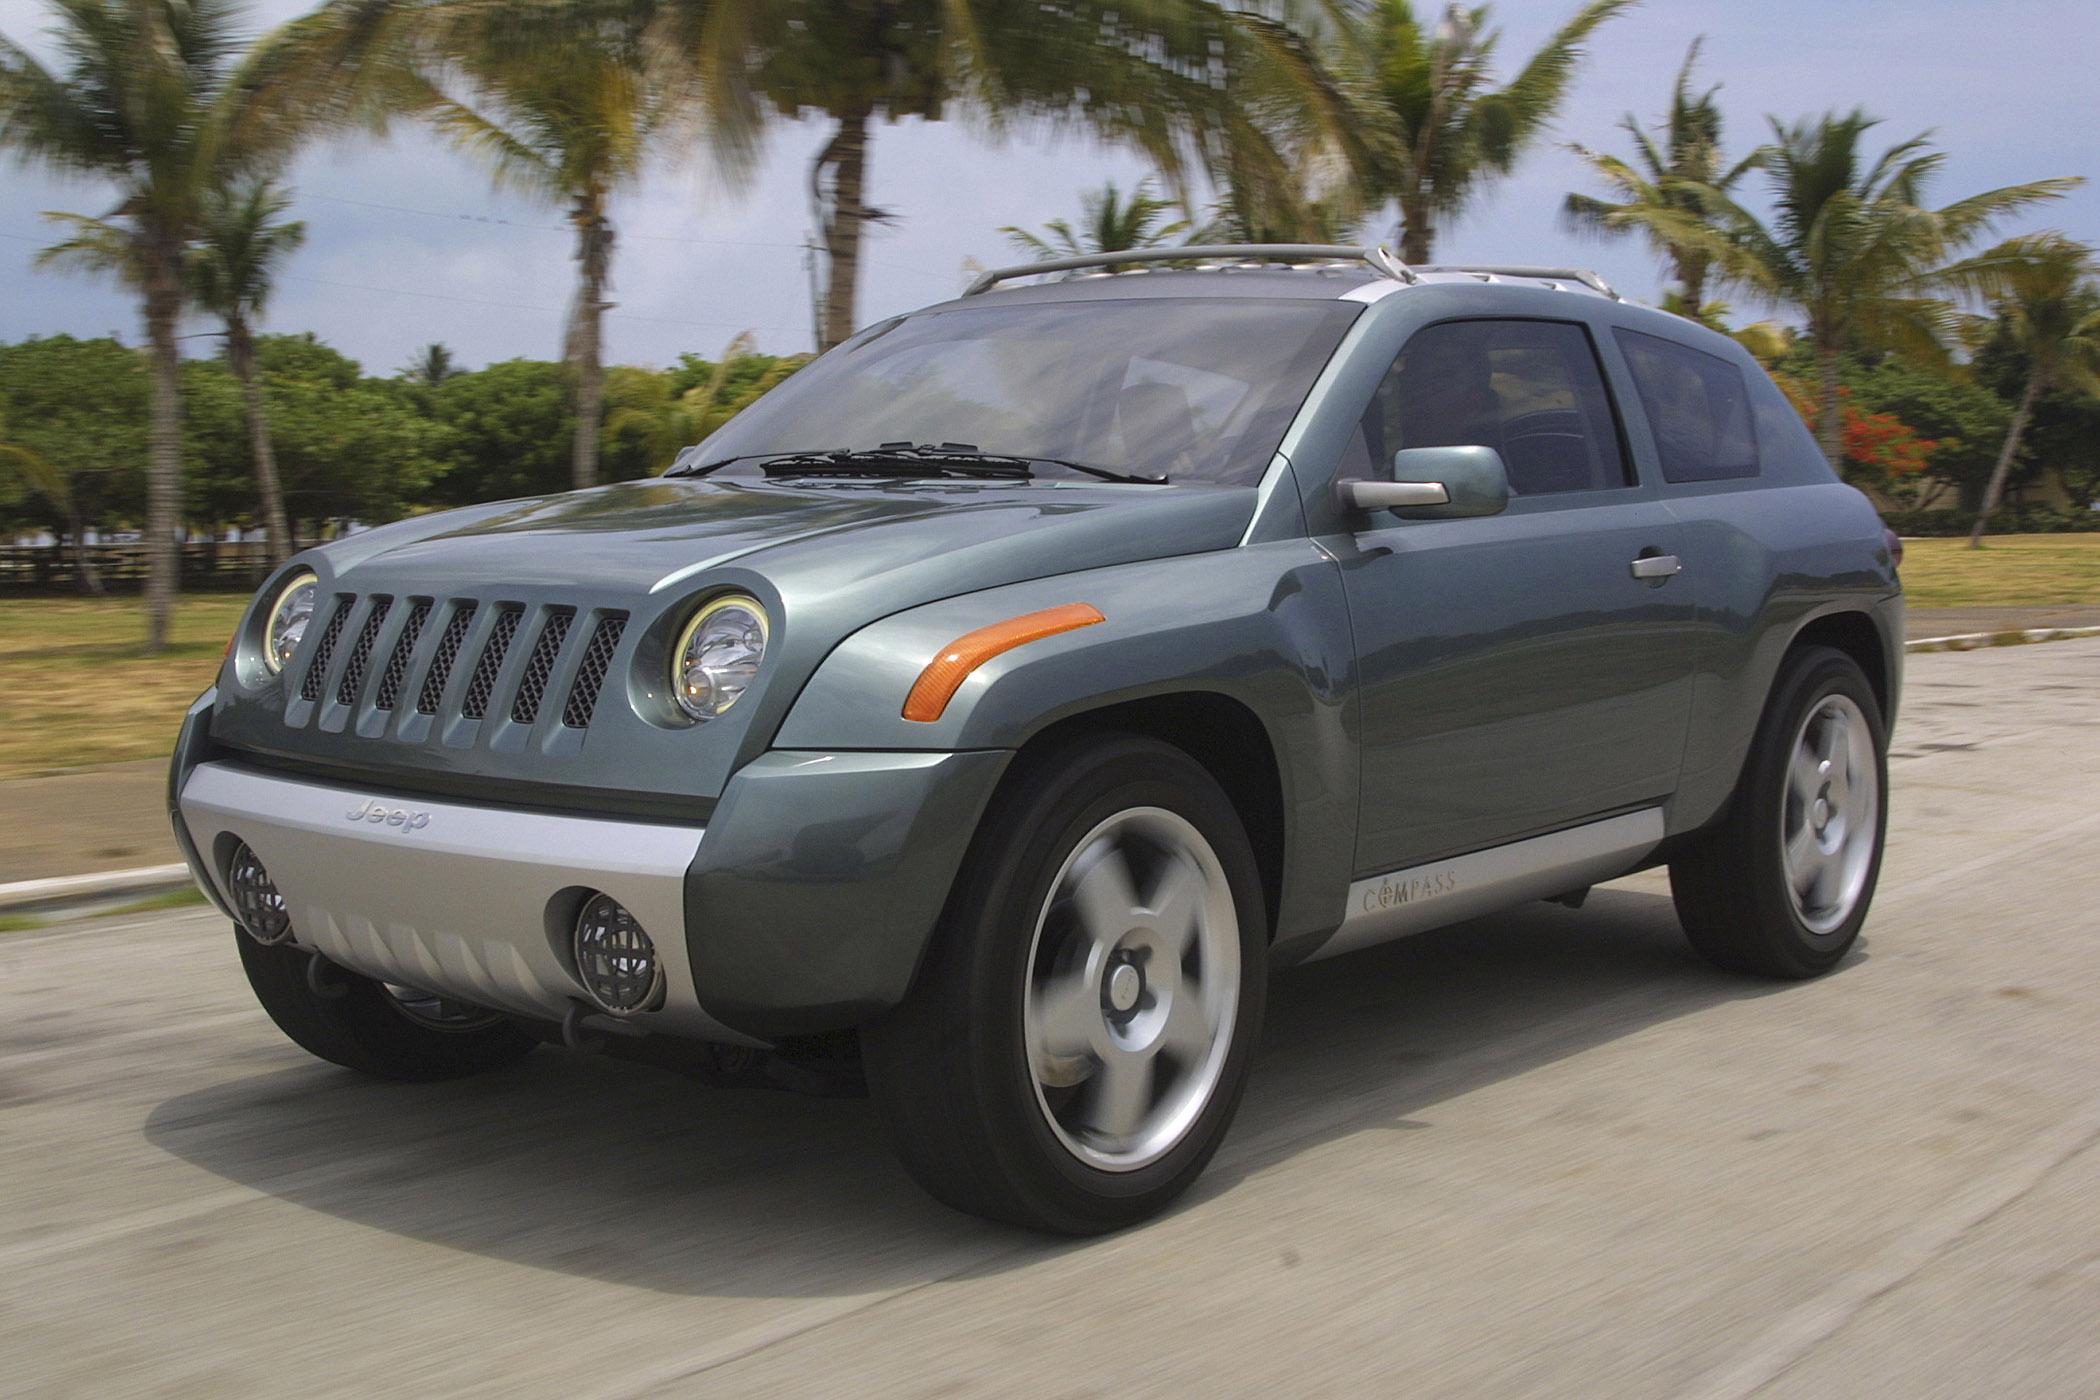 2002 Jeep Compass Concept Hd Pictures Carsinvasion Com